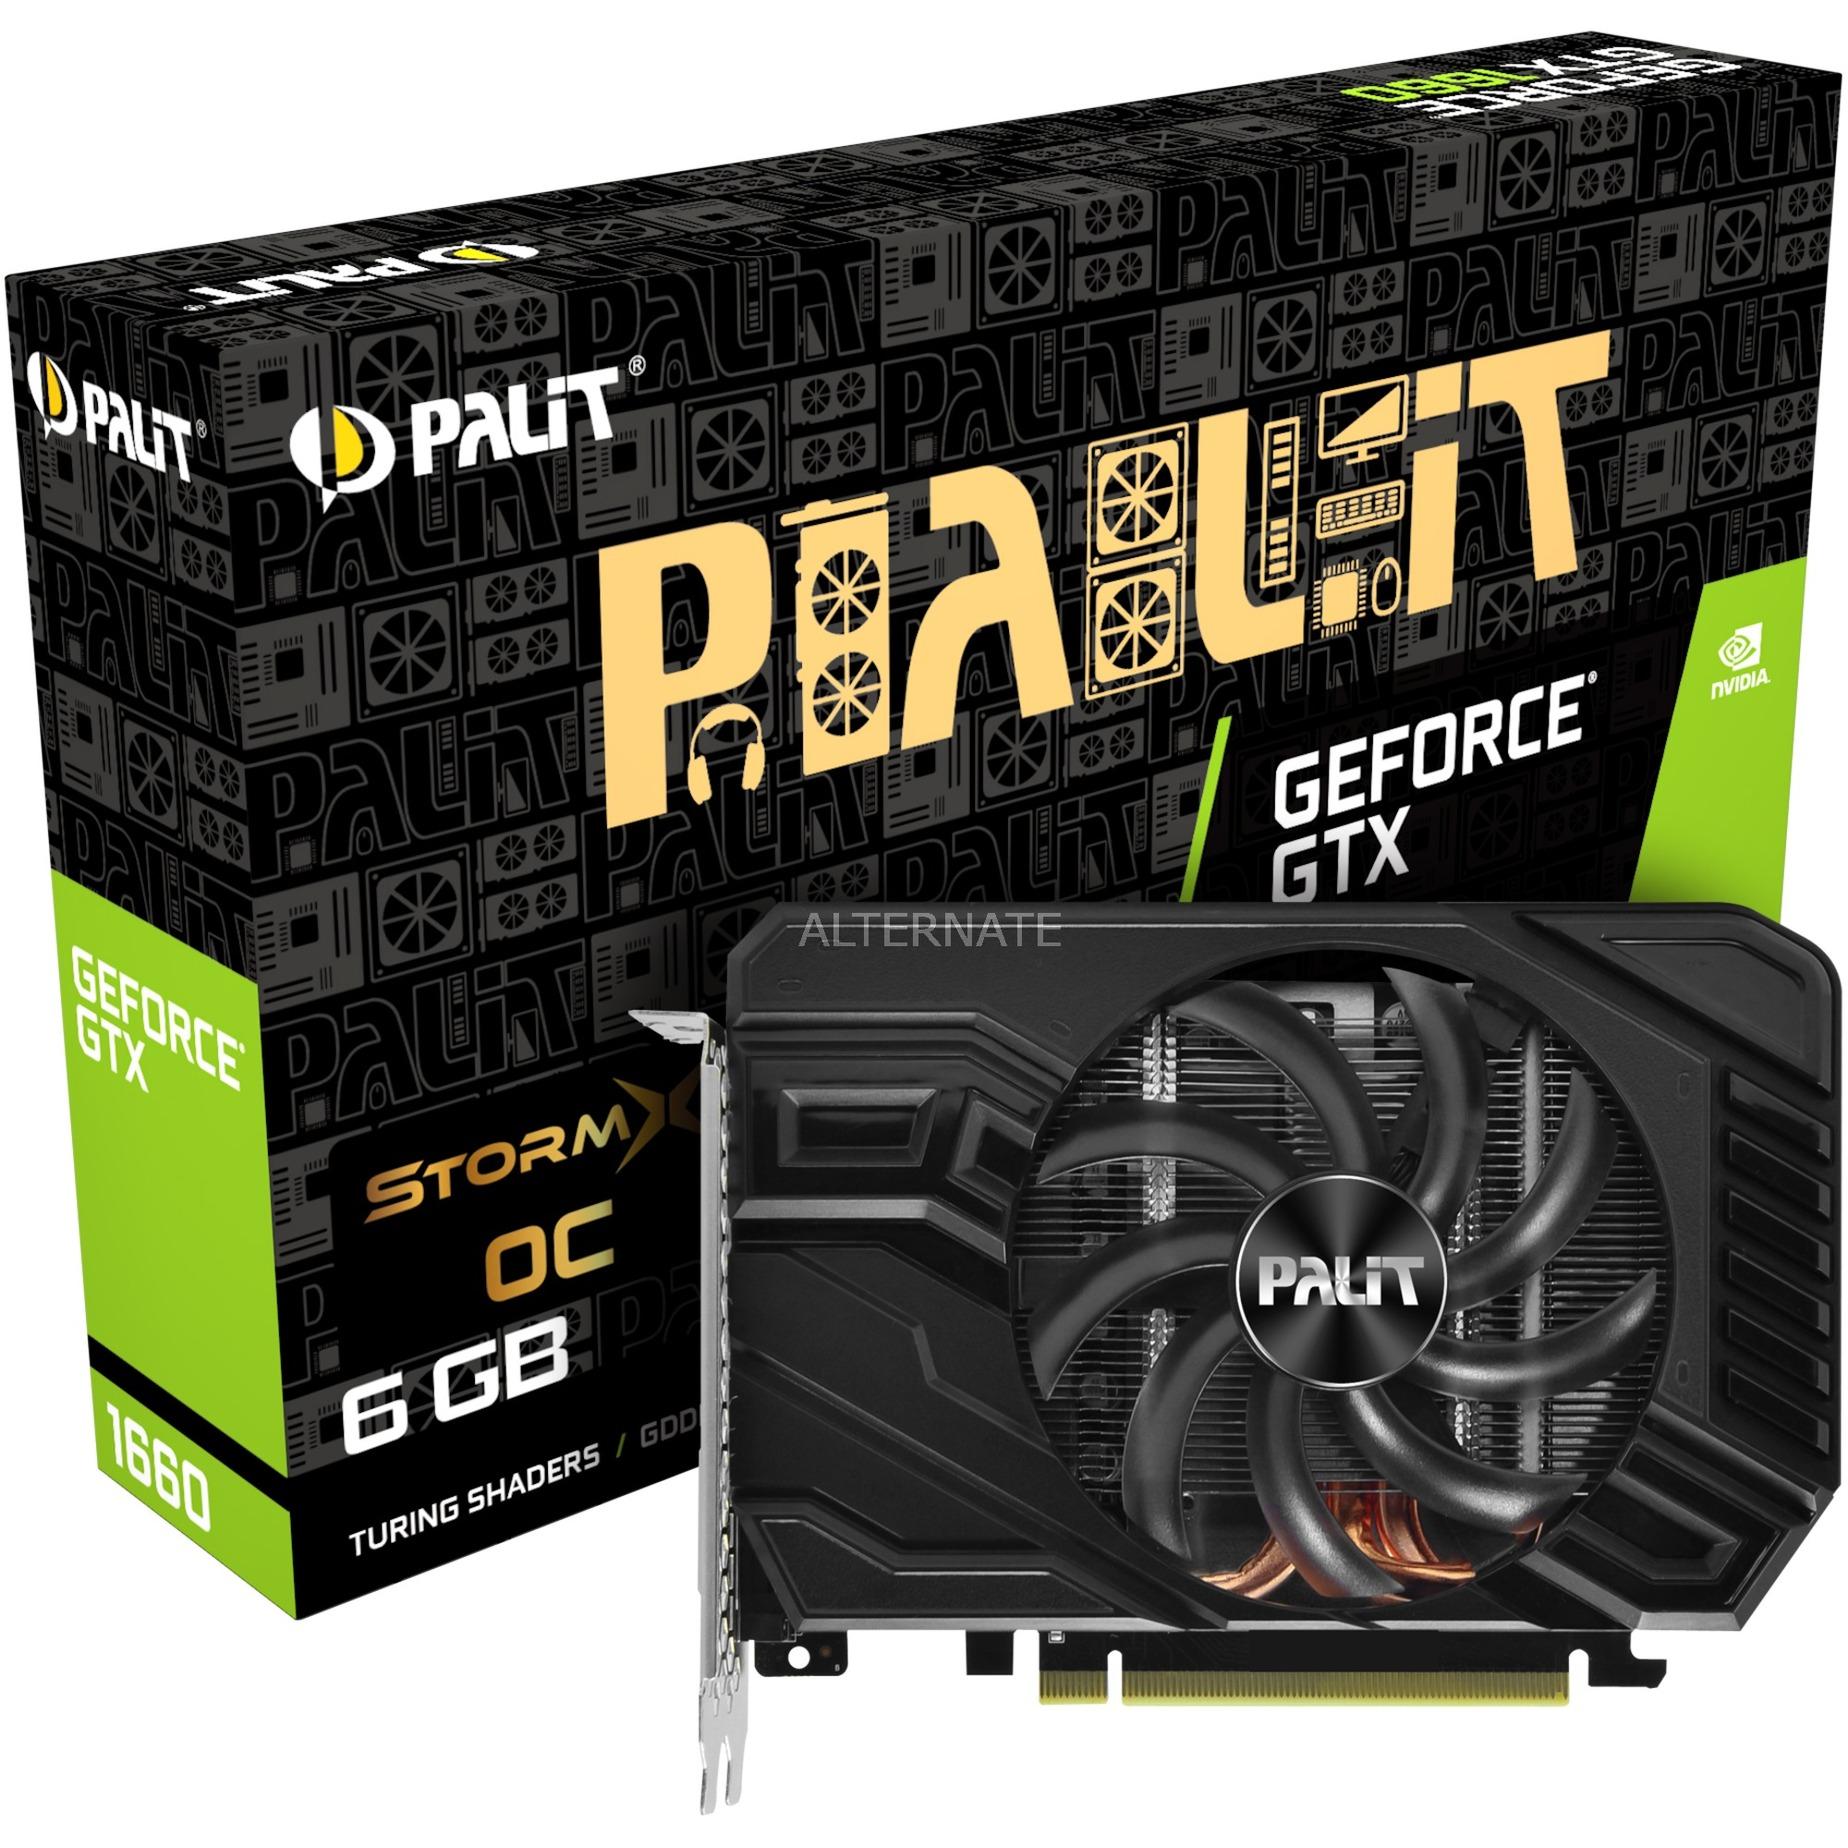 GeForce GTX 1660 StormX OC, Tarjeta gráfica